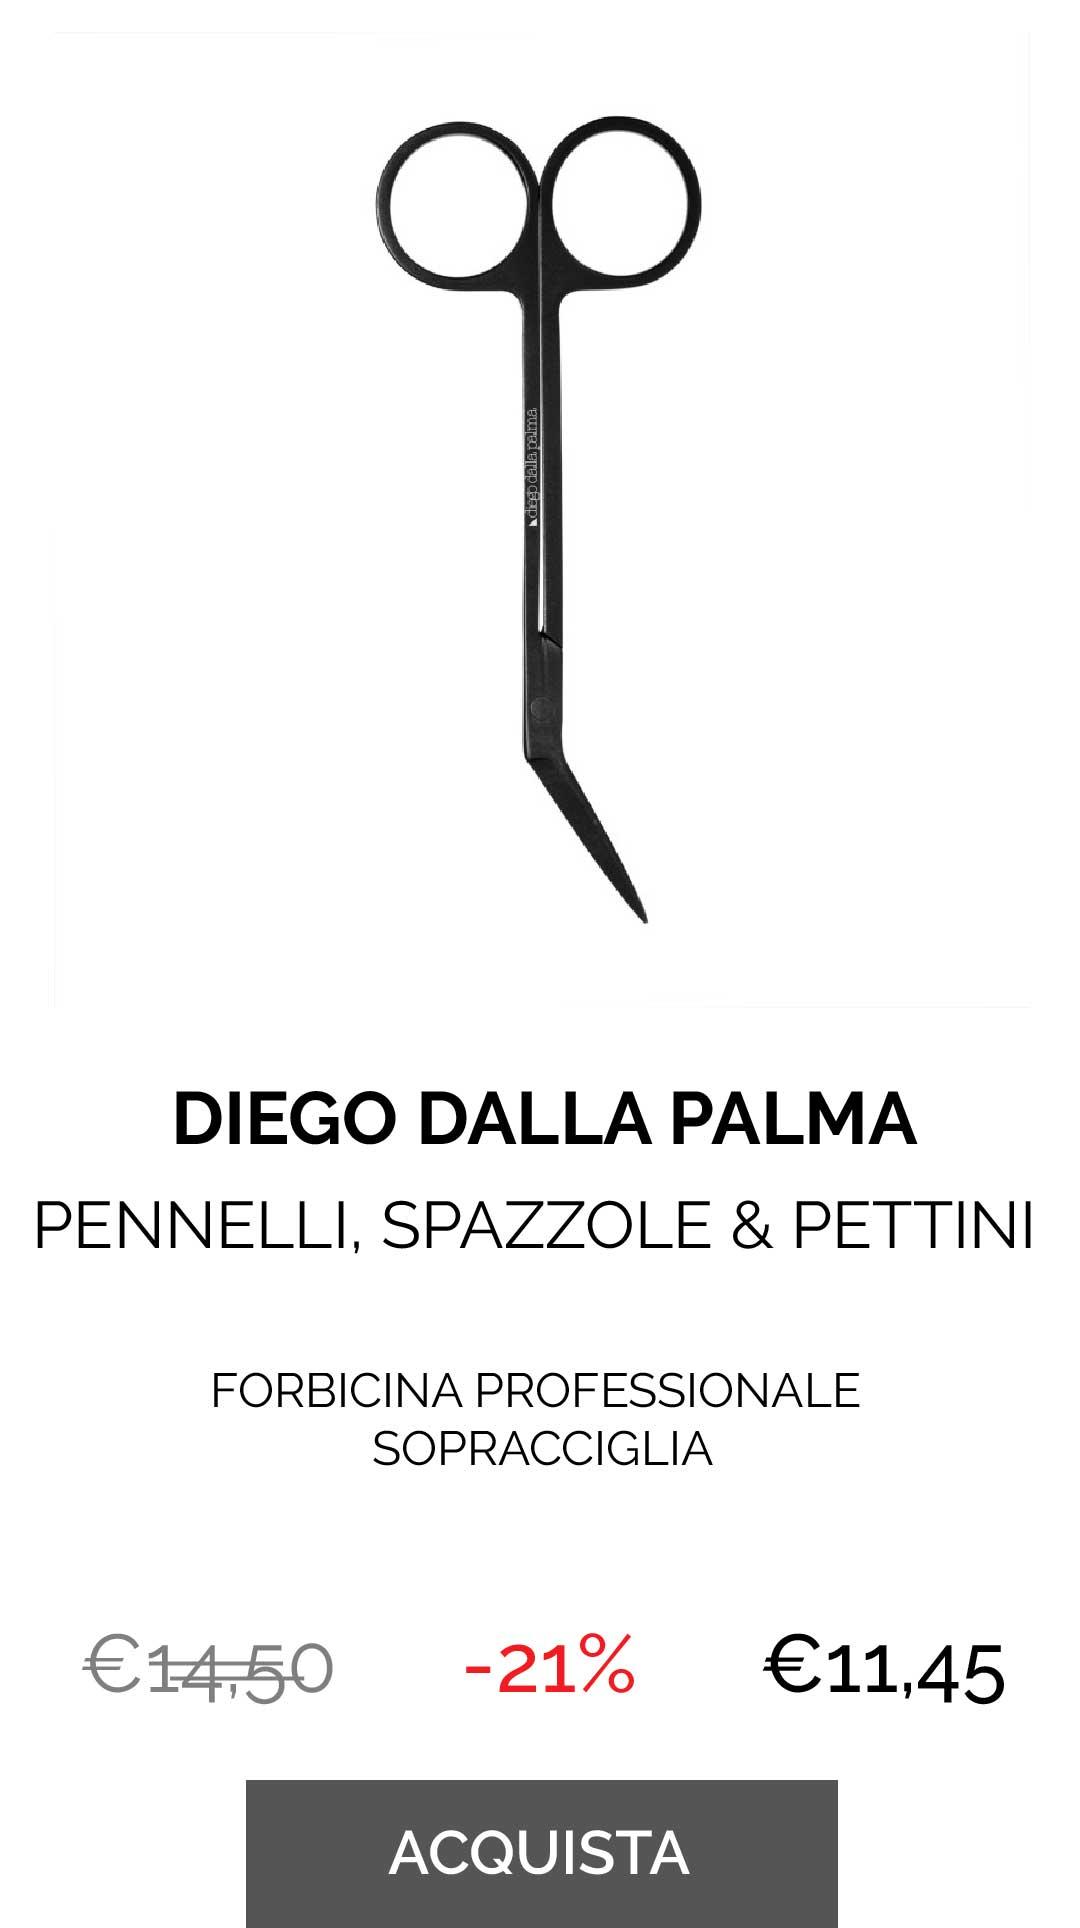 DIEGO DALLA PALMA - FORBICINA PROFESSIONALE SOPRACCIGLIA